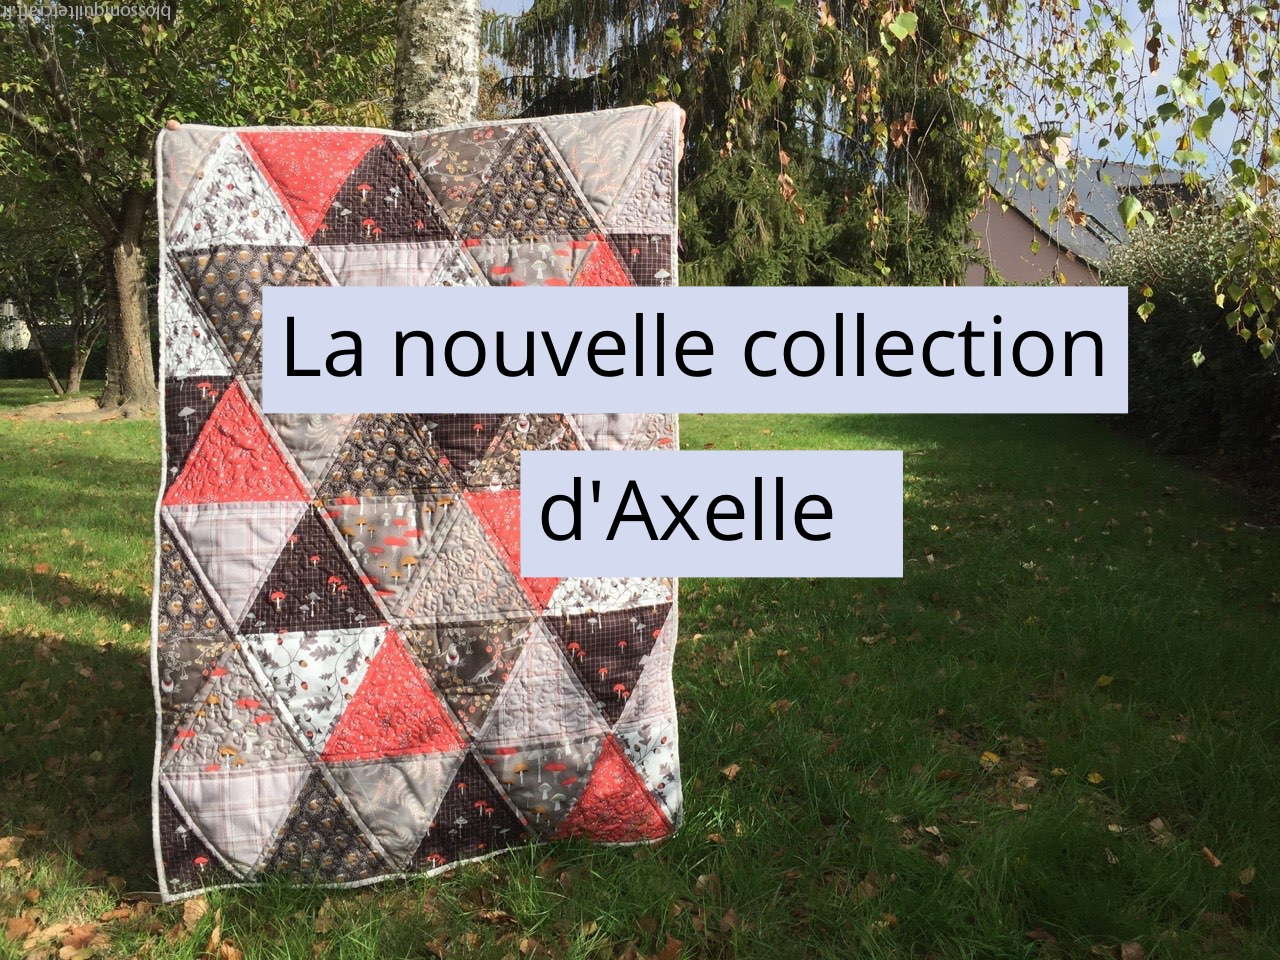 La nouvelle collection d'Axelle